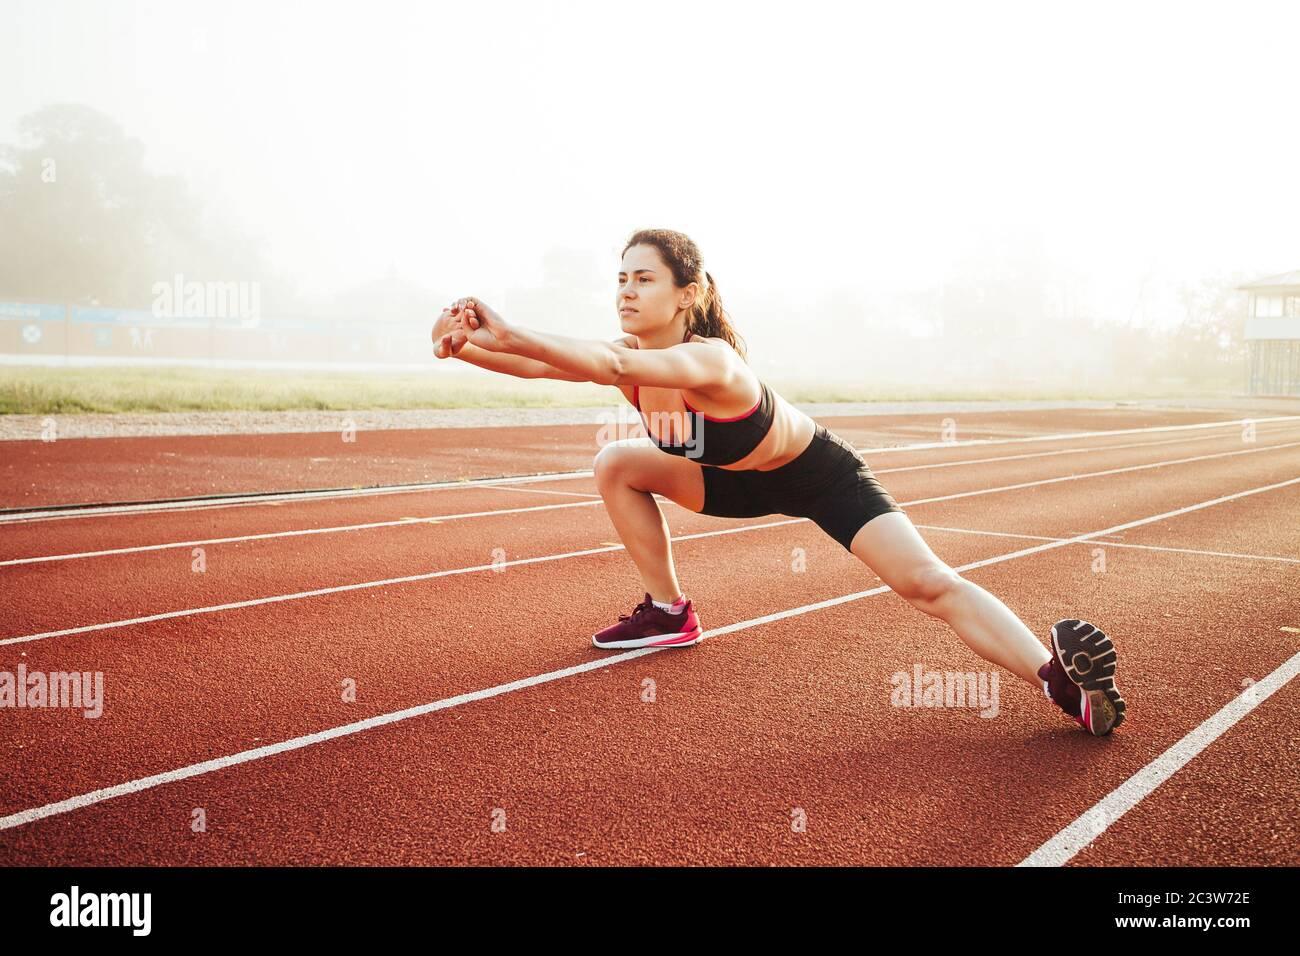 Femme athlétique qui s'étire sur la piste de course avant l'entraînement, santé physique farce Banque D'Images